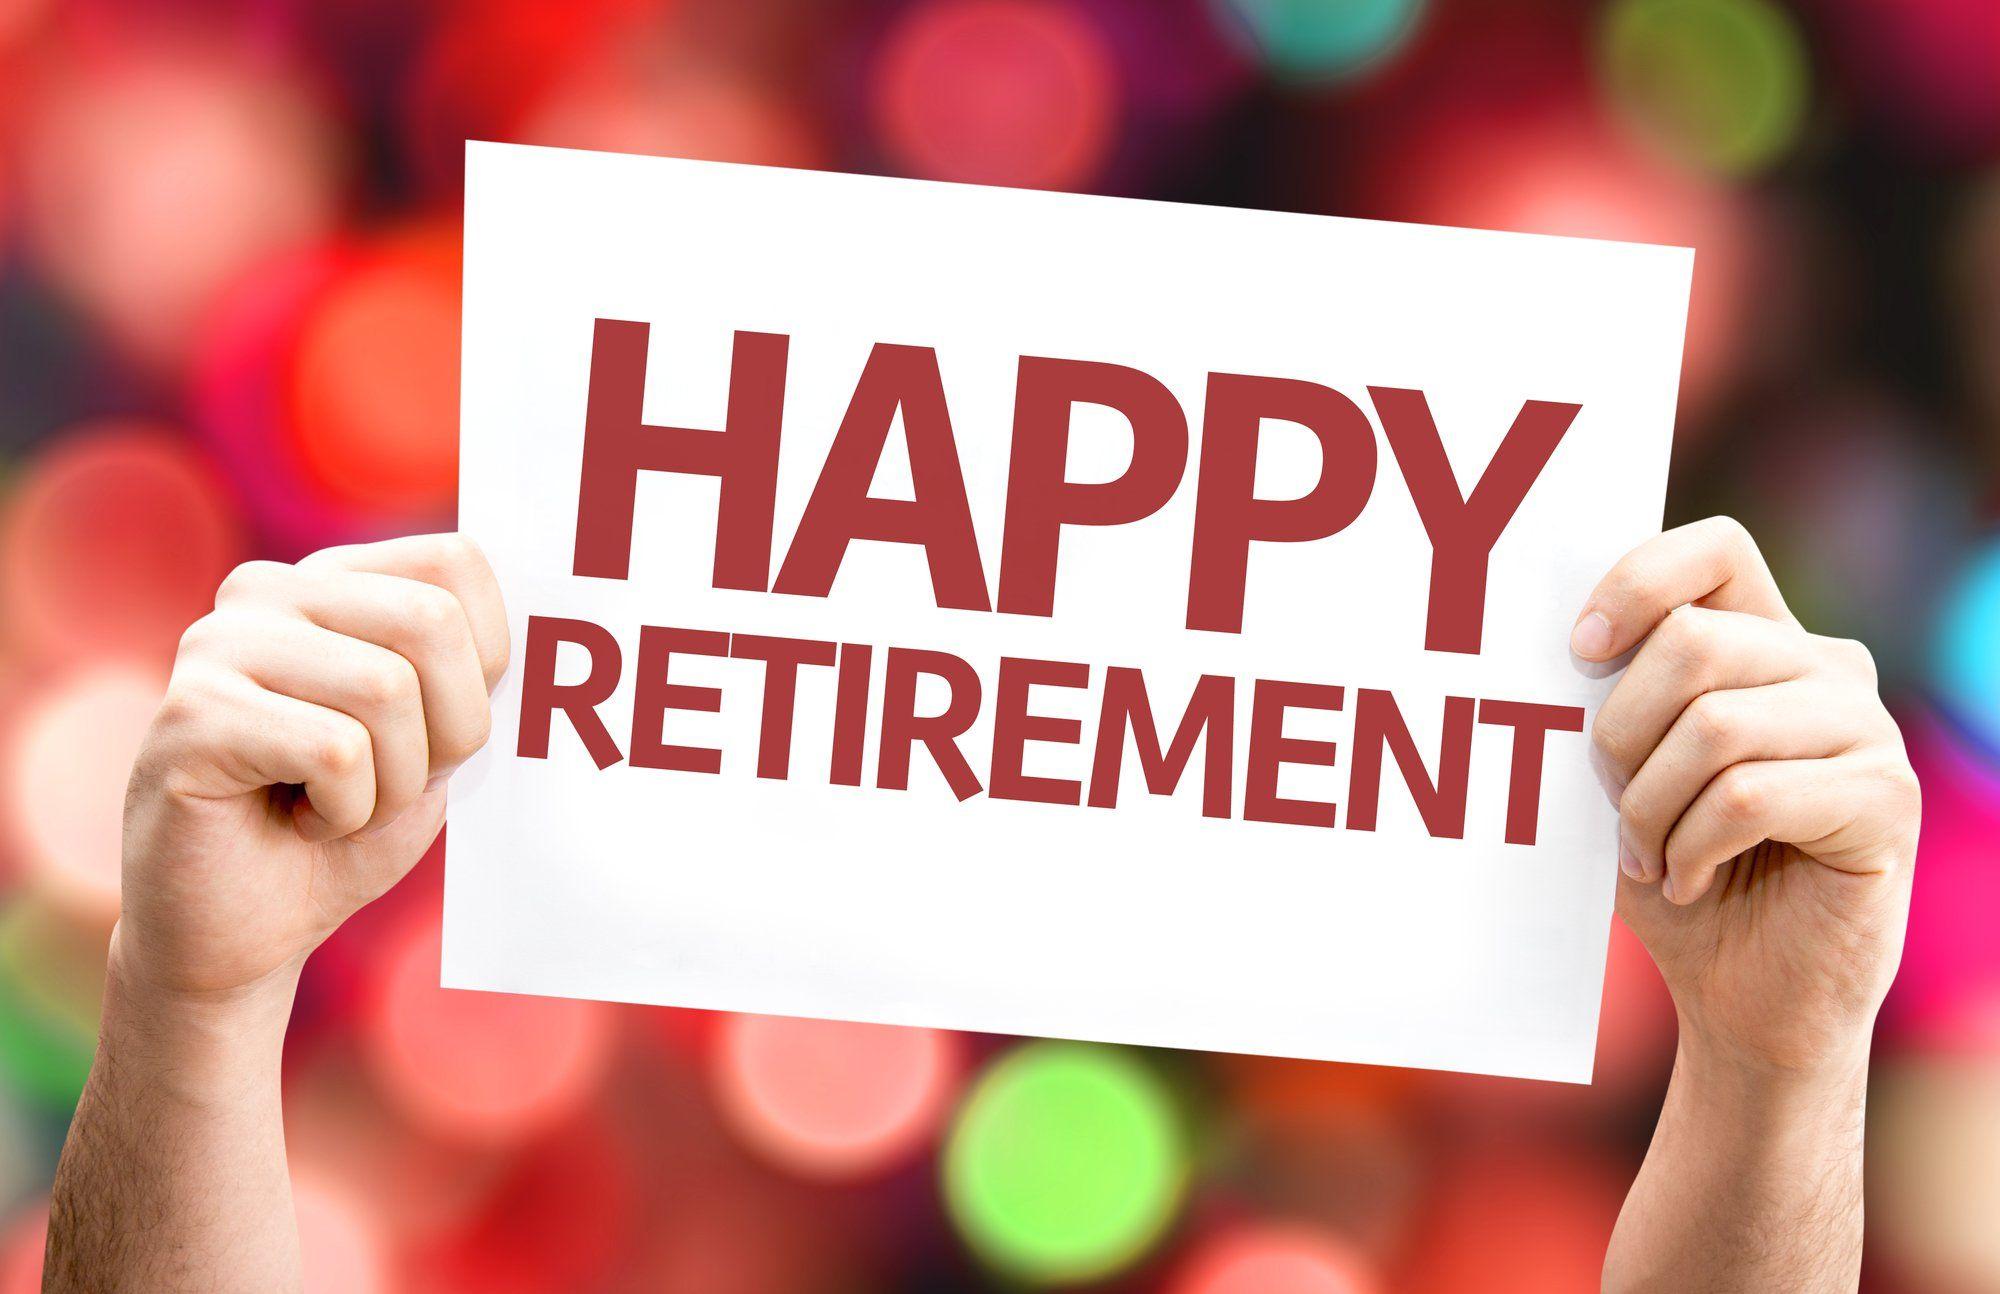 Retirement Party Invitation Wording | Pinterest | Retirement parties ...